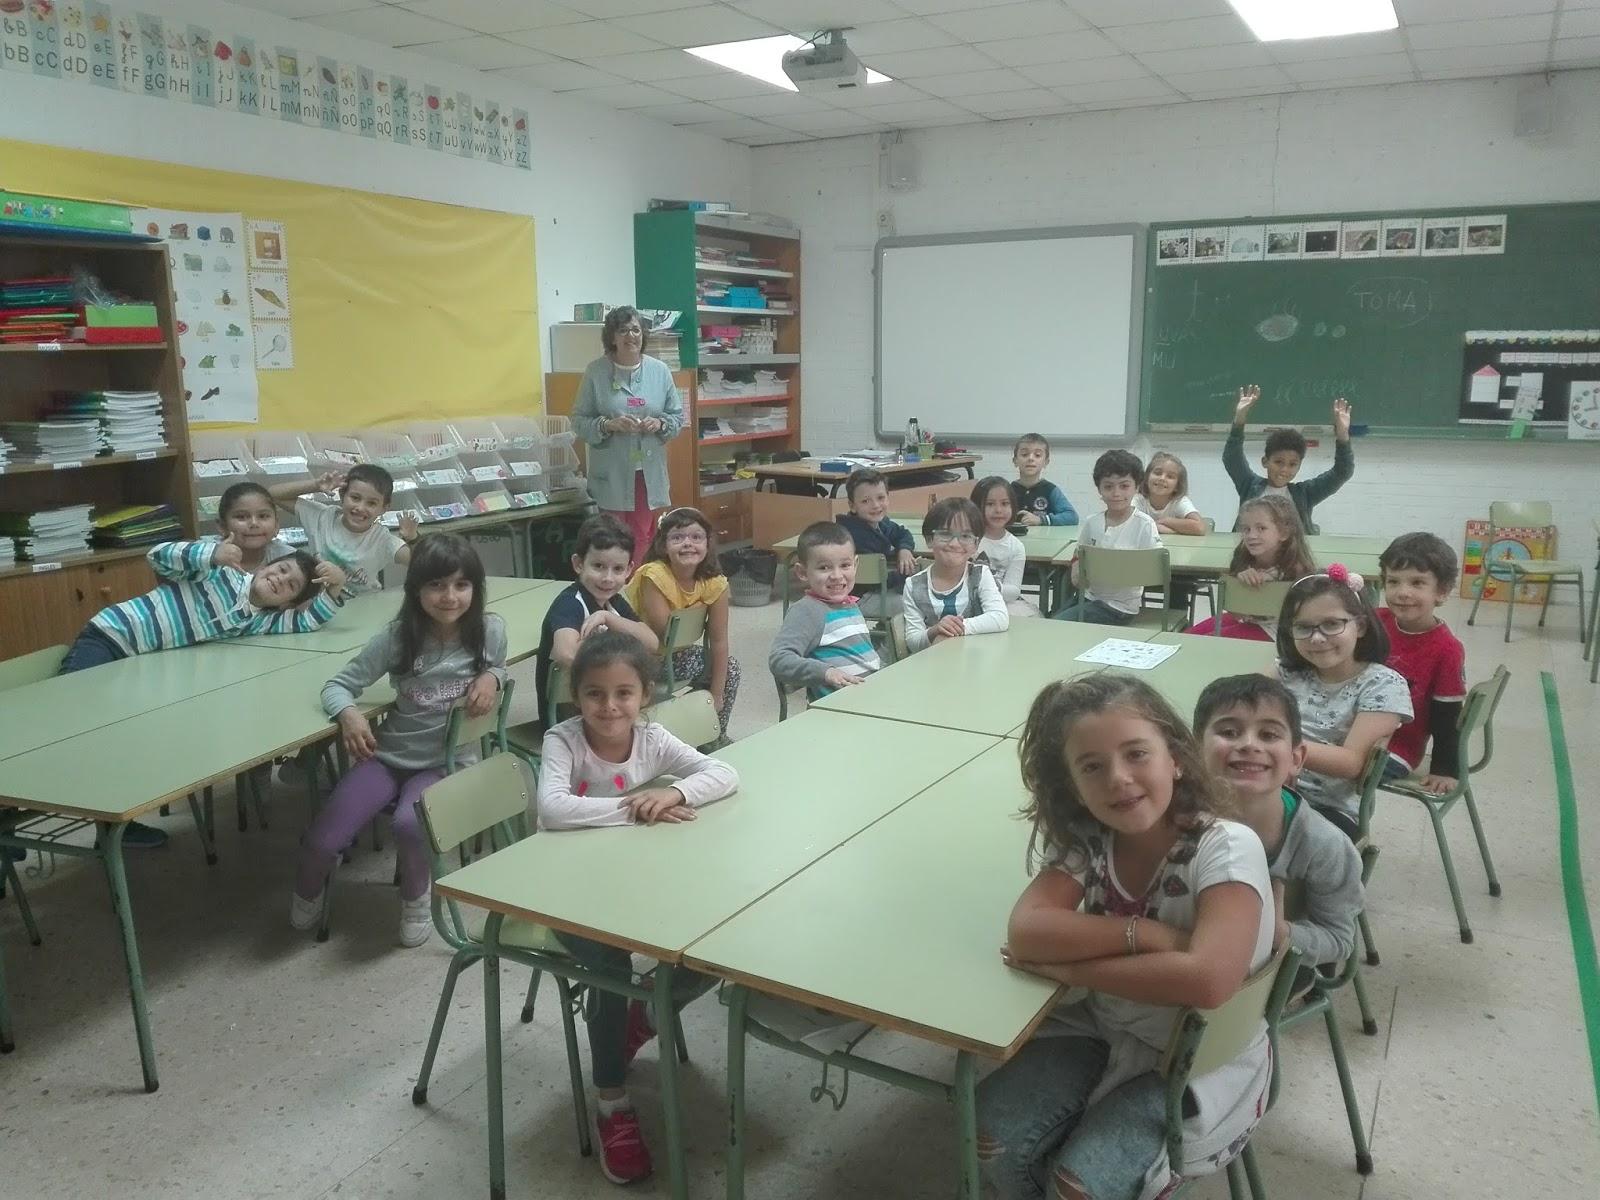 Aprendemos juntos ya estamos en nuestra clase for En nuestra clase